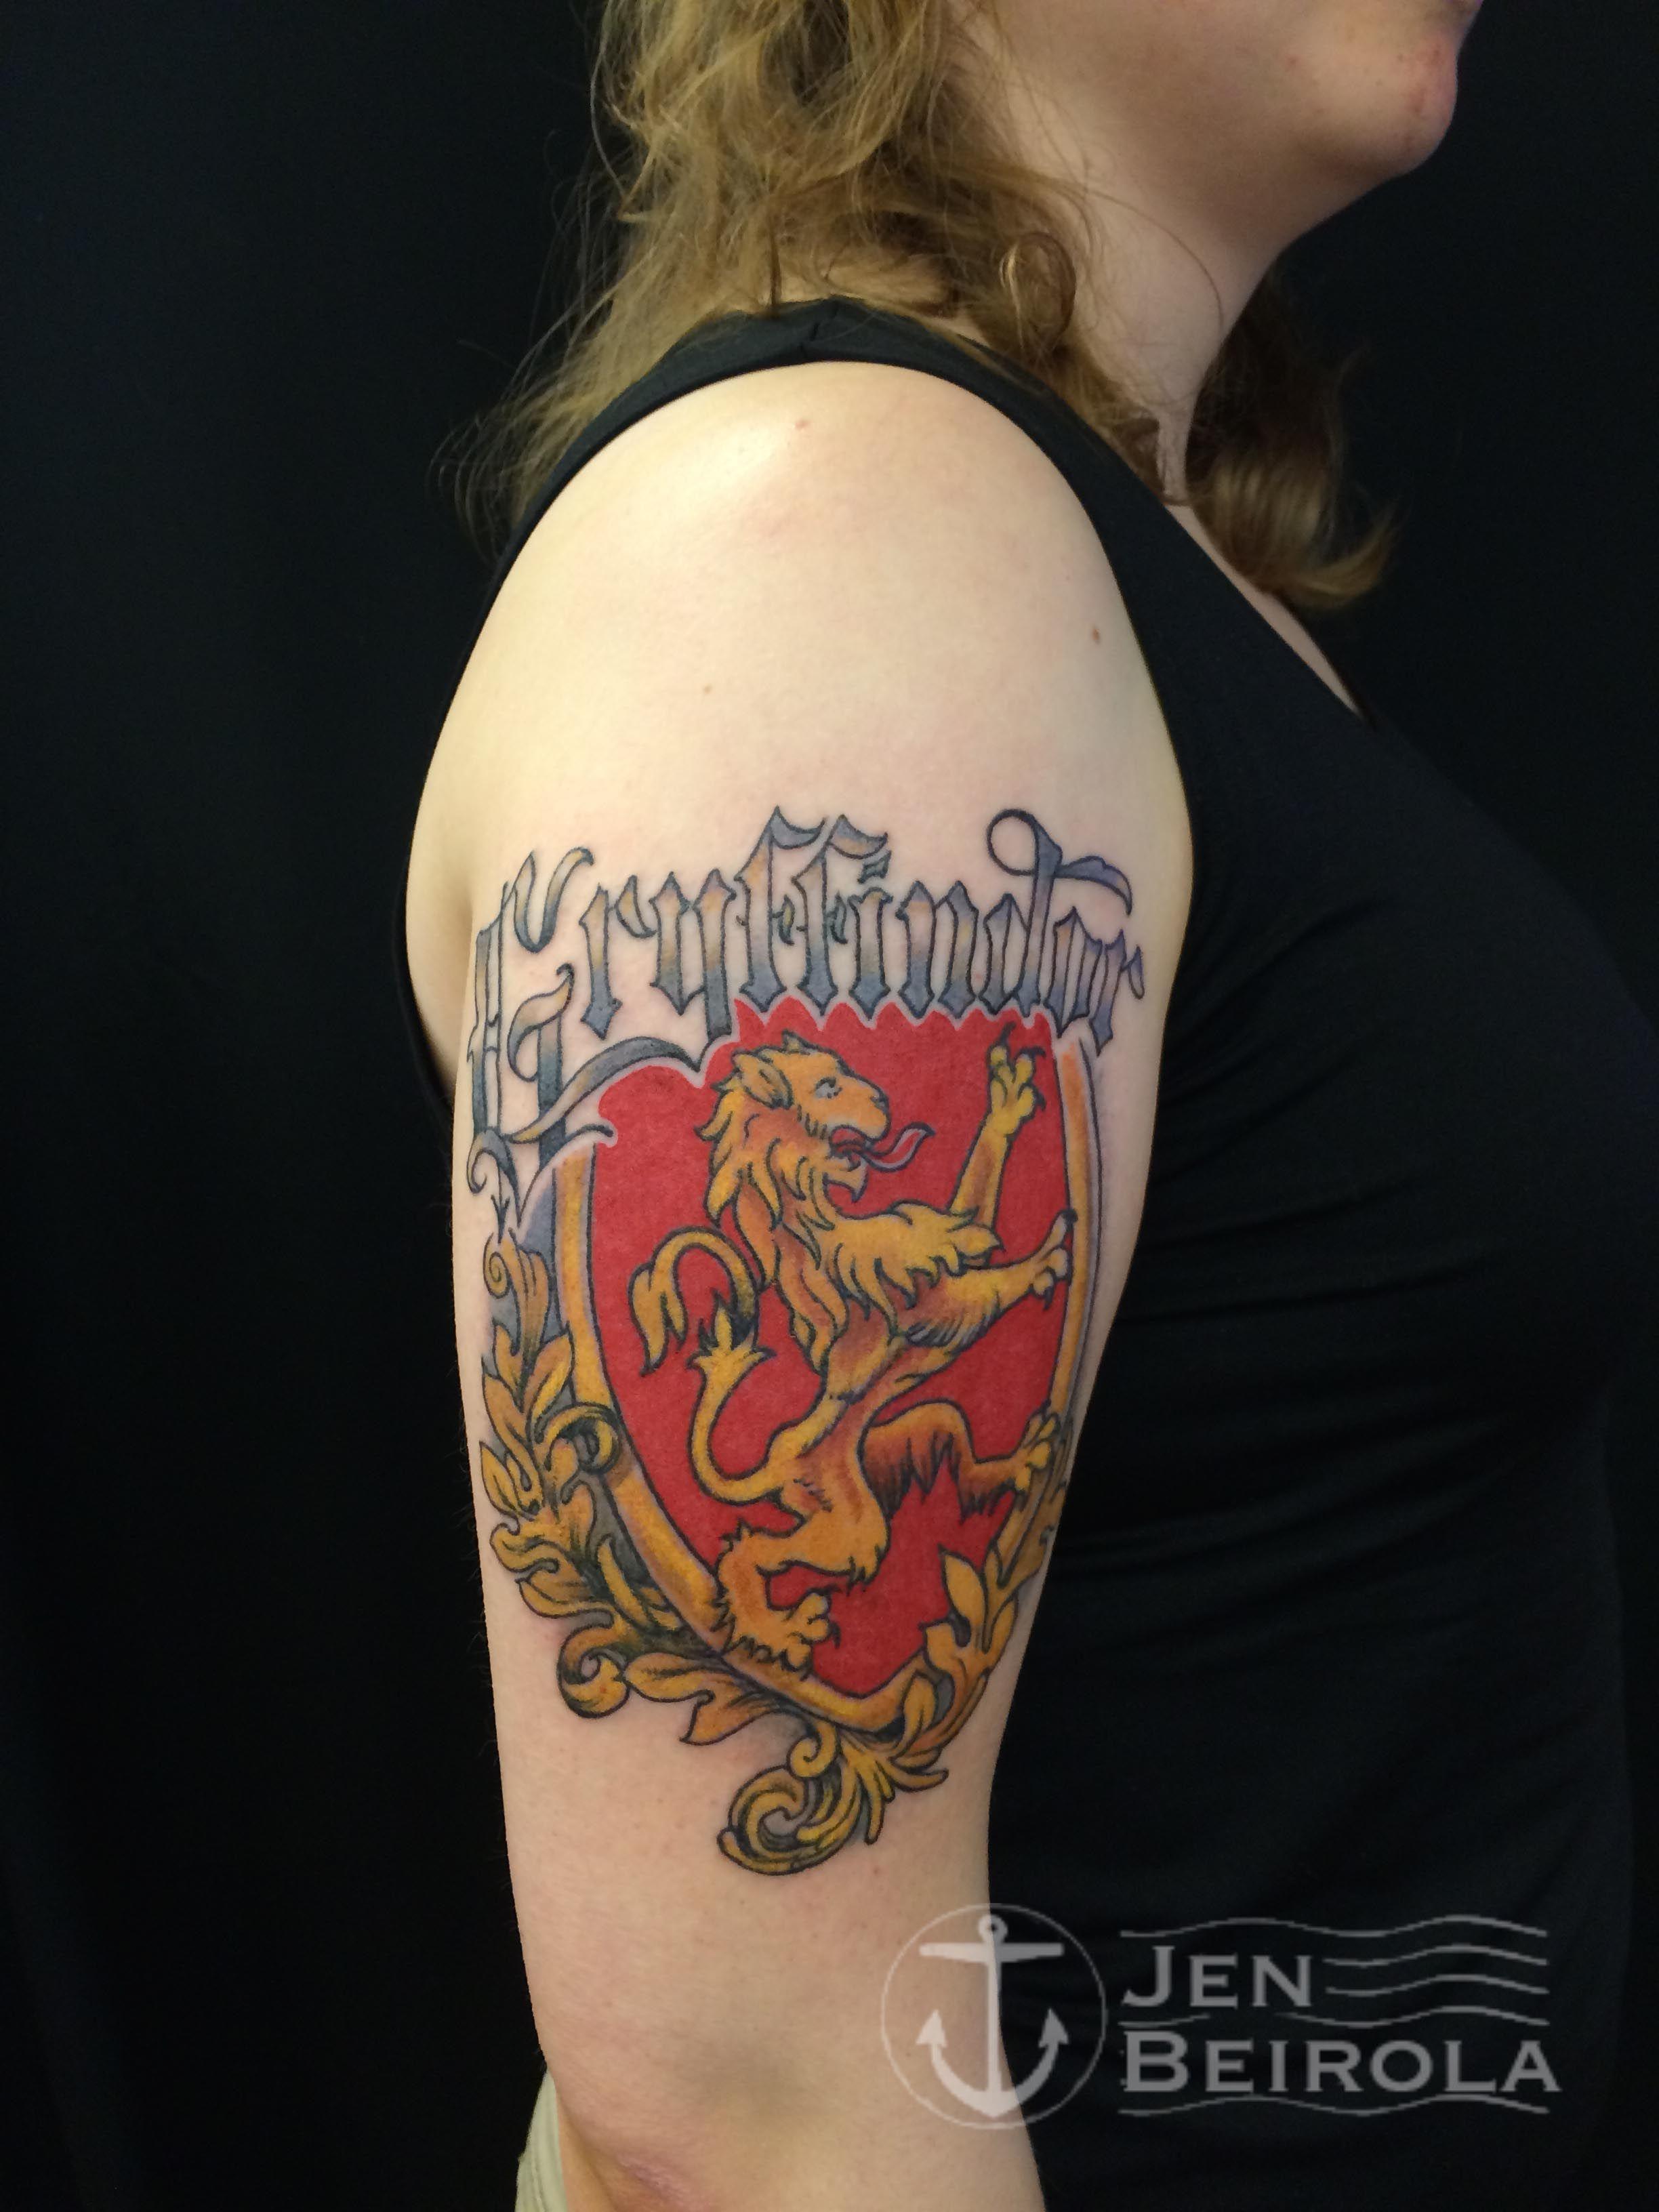 Tattoo Artist Eden Kozo In 2020 Tattoos Harry Potter Tattoos Tattoo Artists